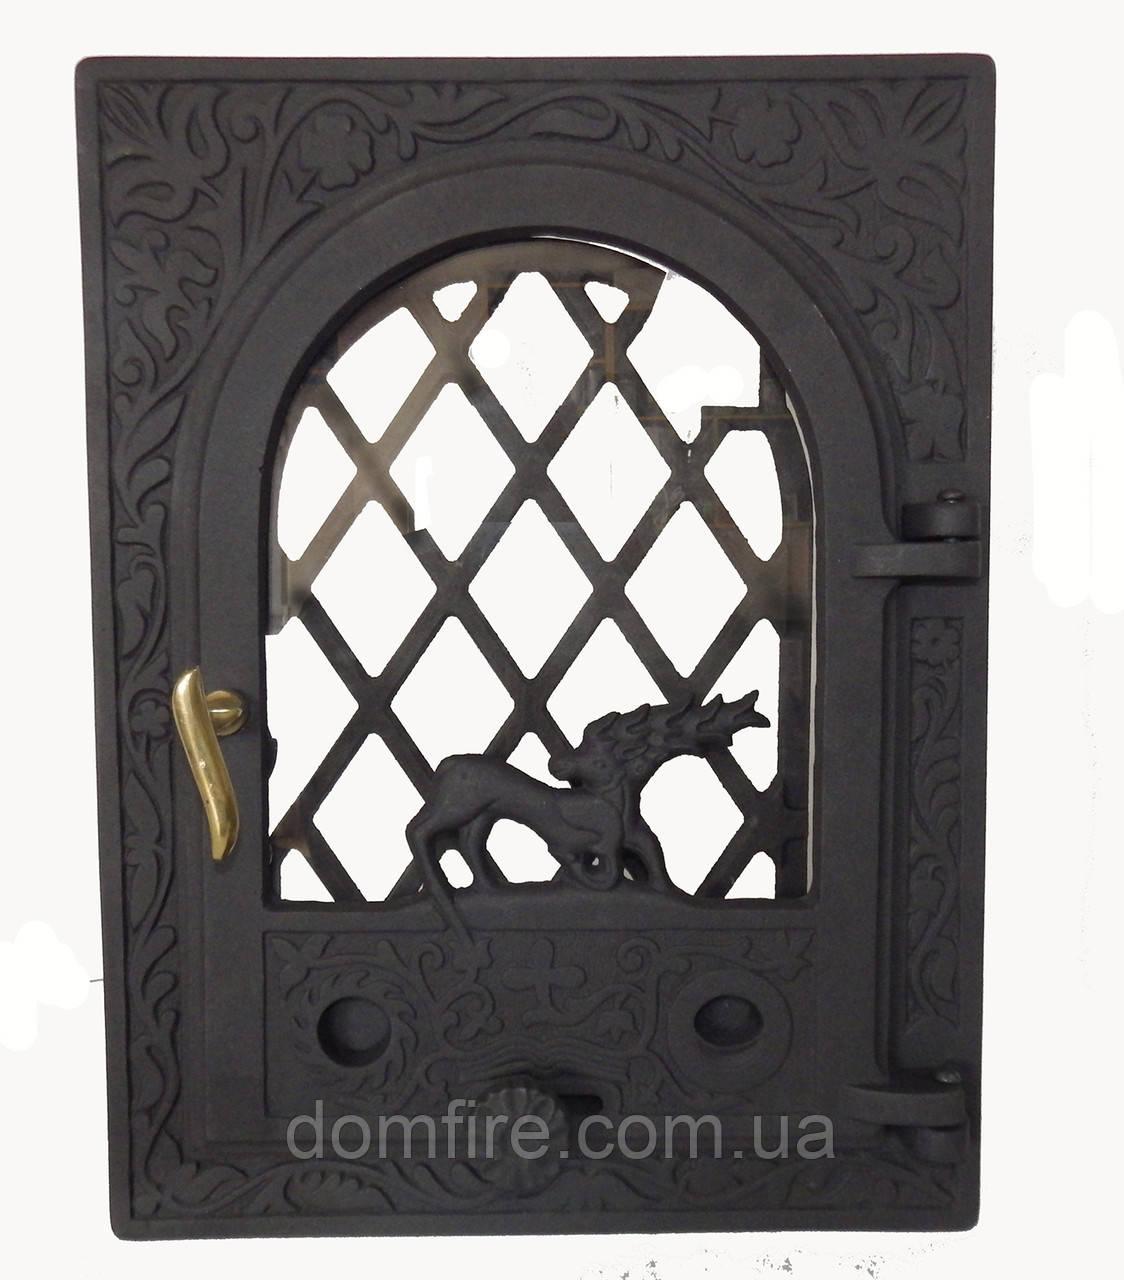 Чугунная каминная дверца - VVK 35x46см-27x38см - Domfire - тепло в Вашем доме в Ужгороде